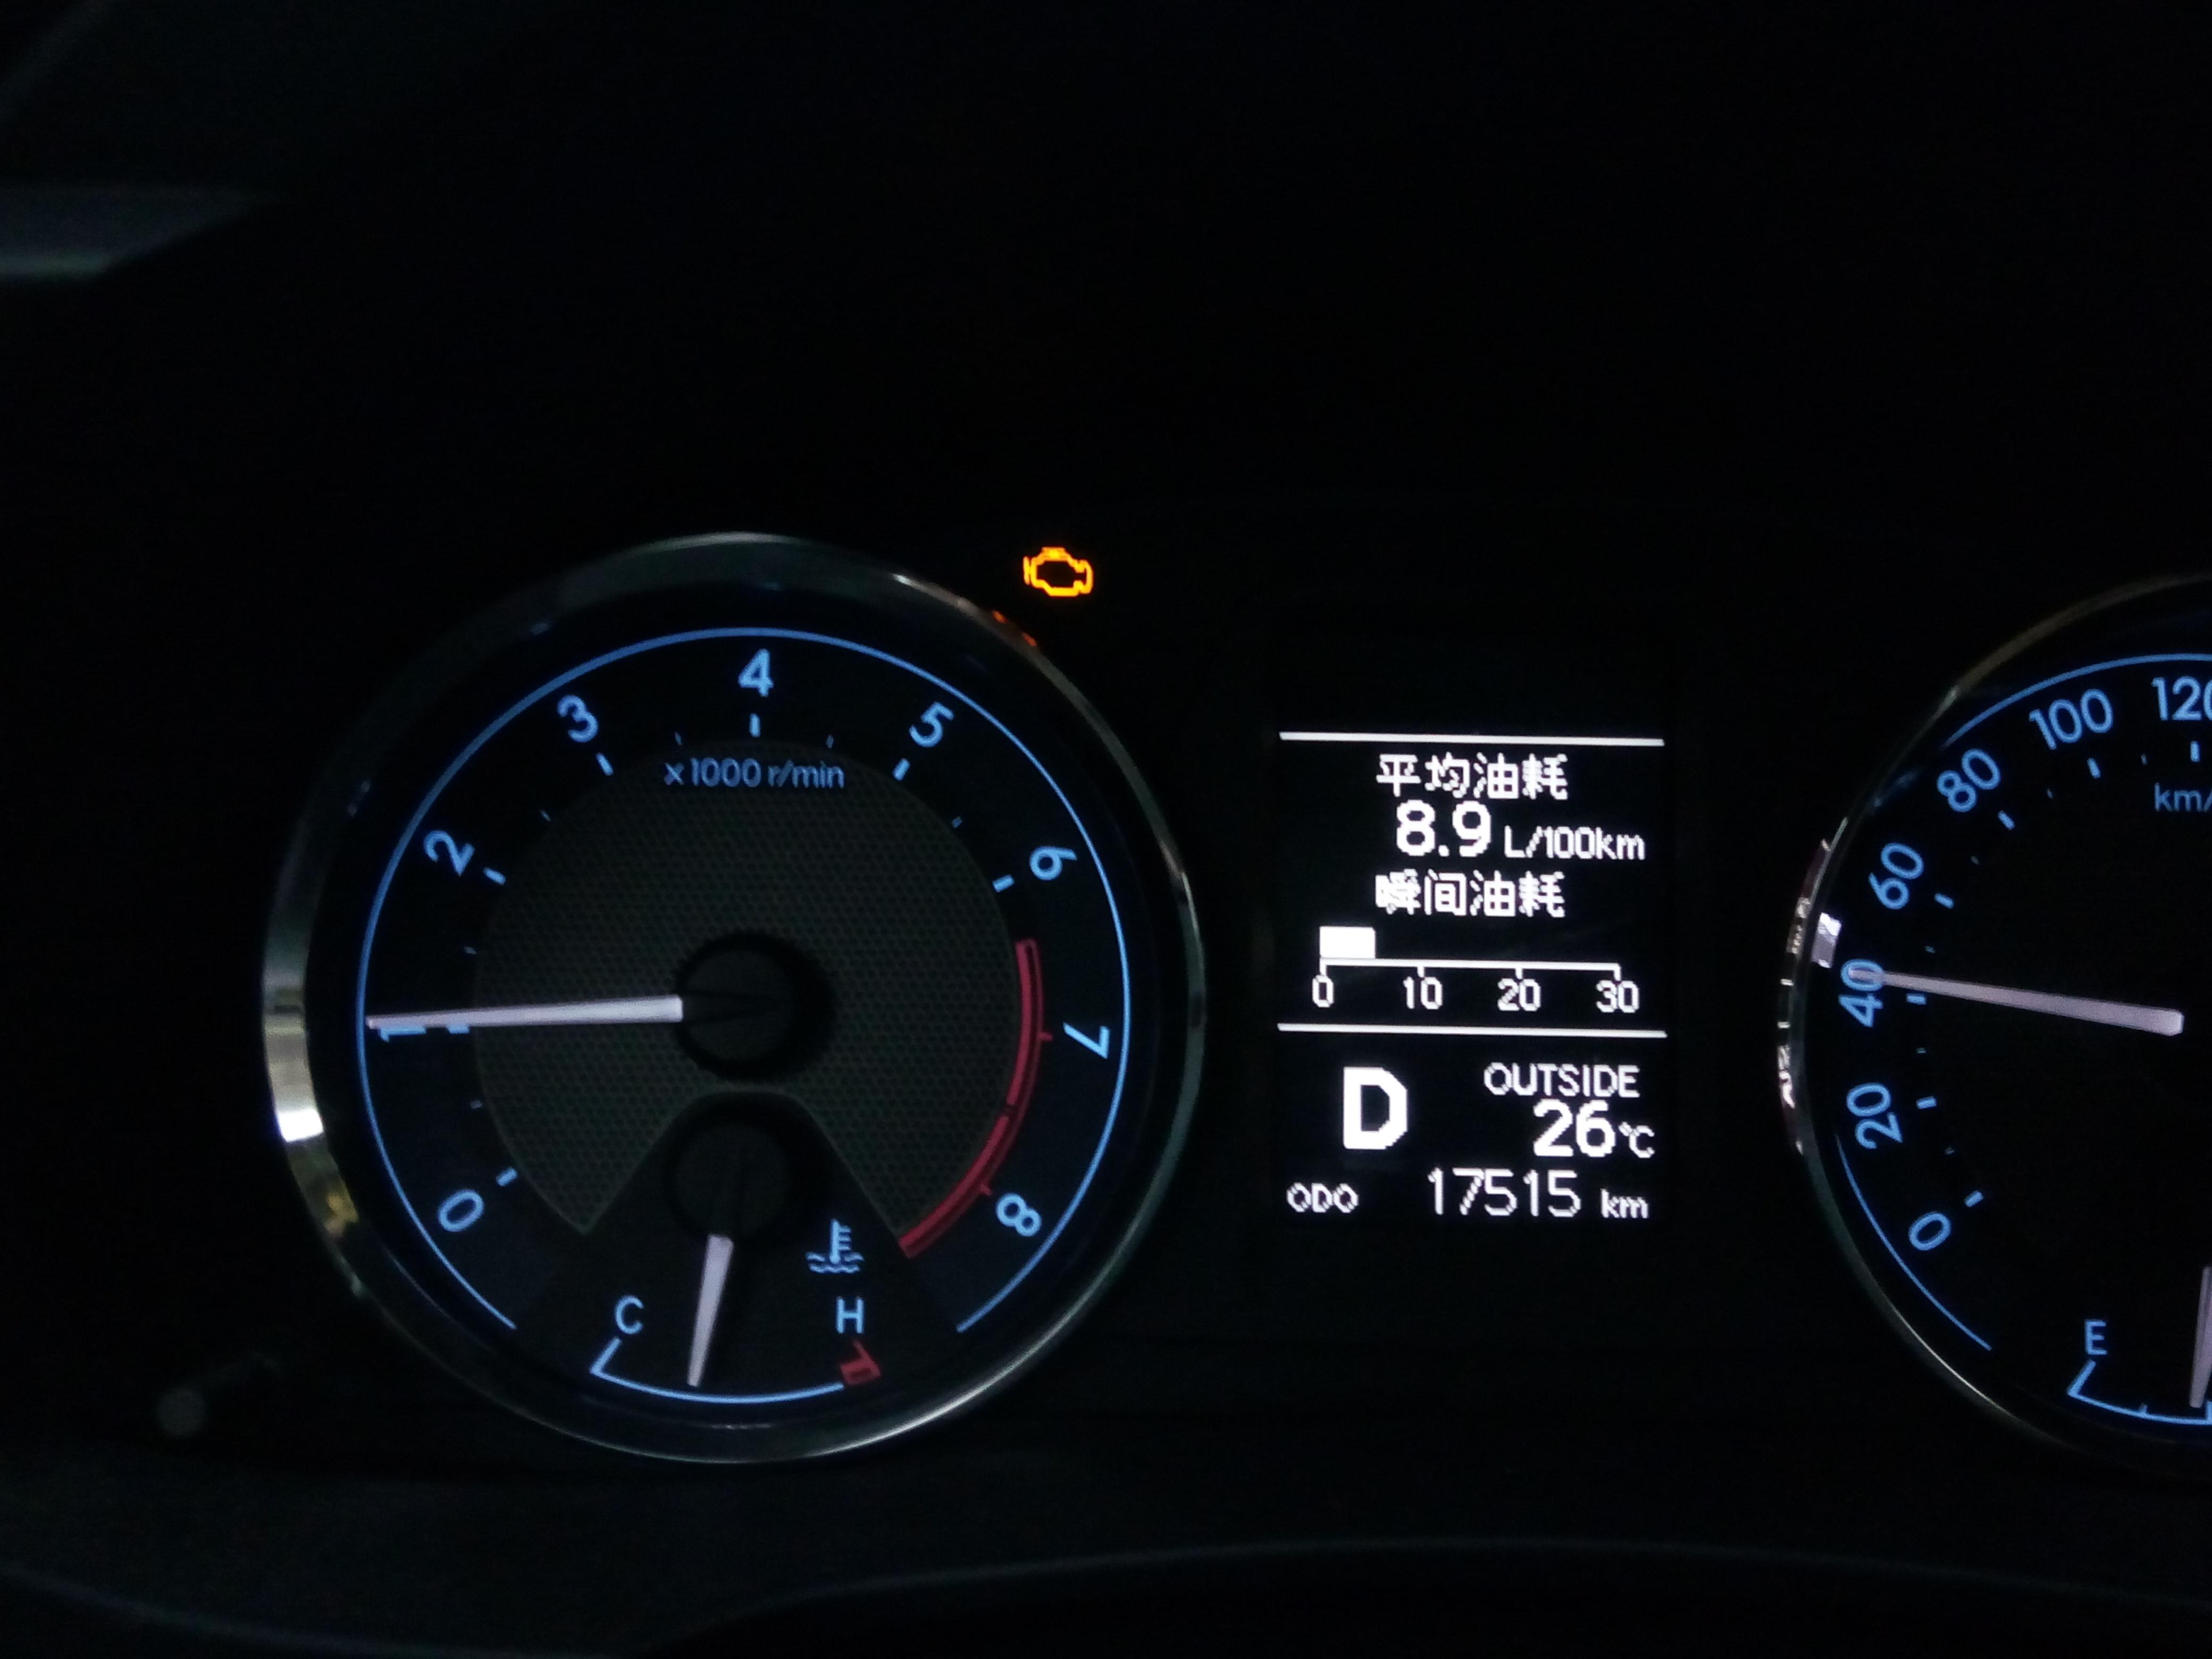 丰田-卡罗拉 变速箱20迈顿挫严重,发动机故障灯亮起